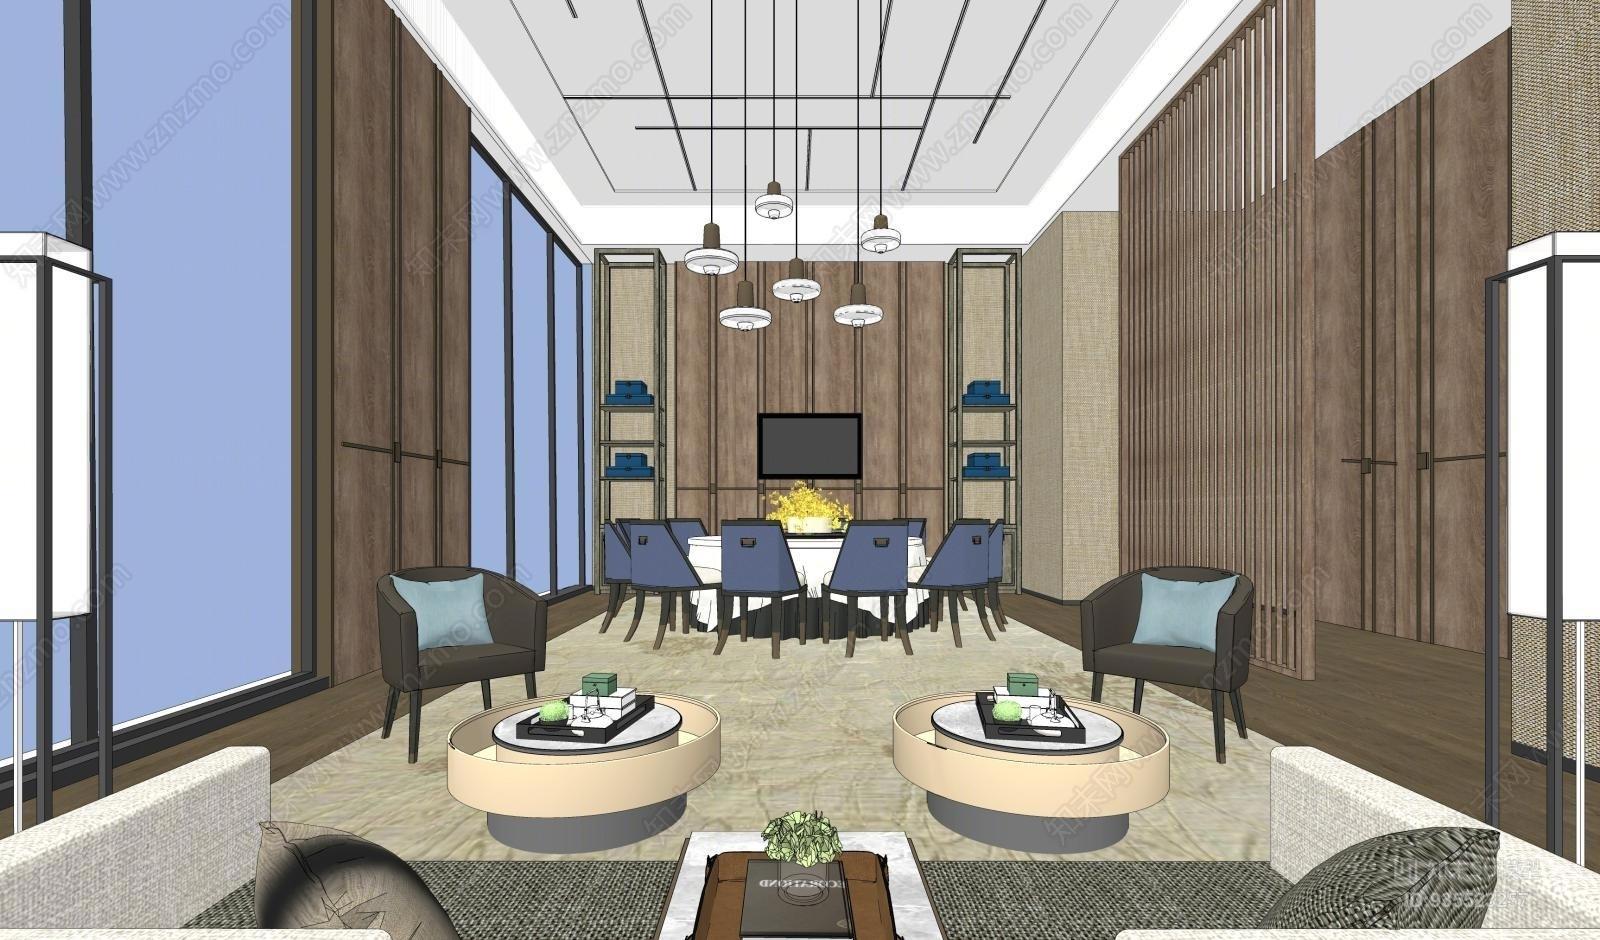 新中式餐饮包厢空间模型